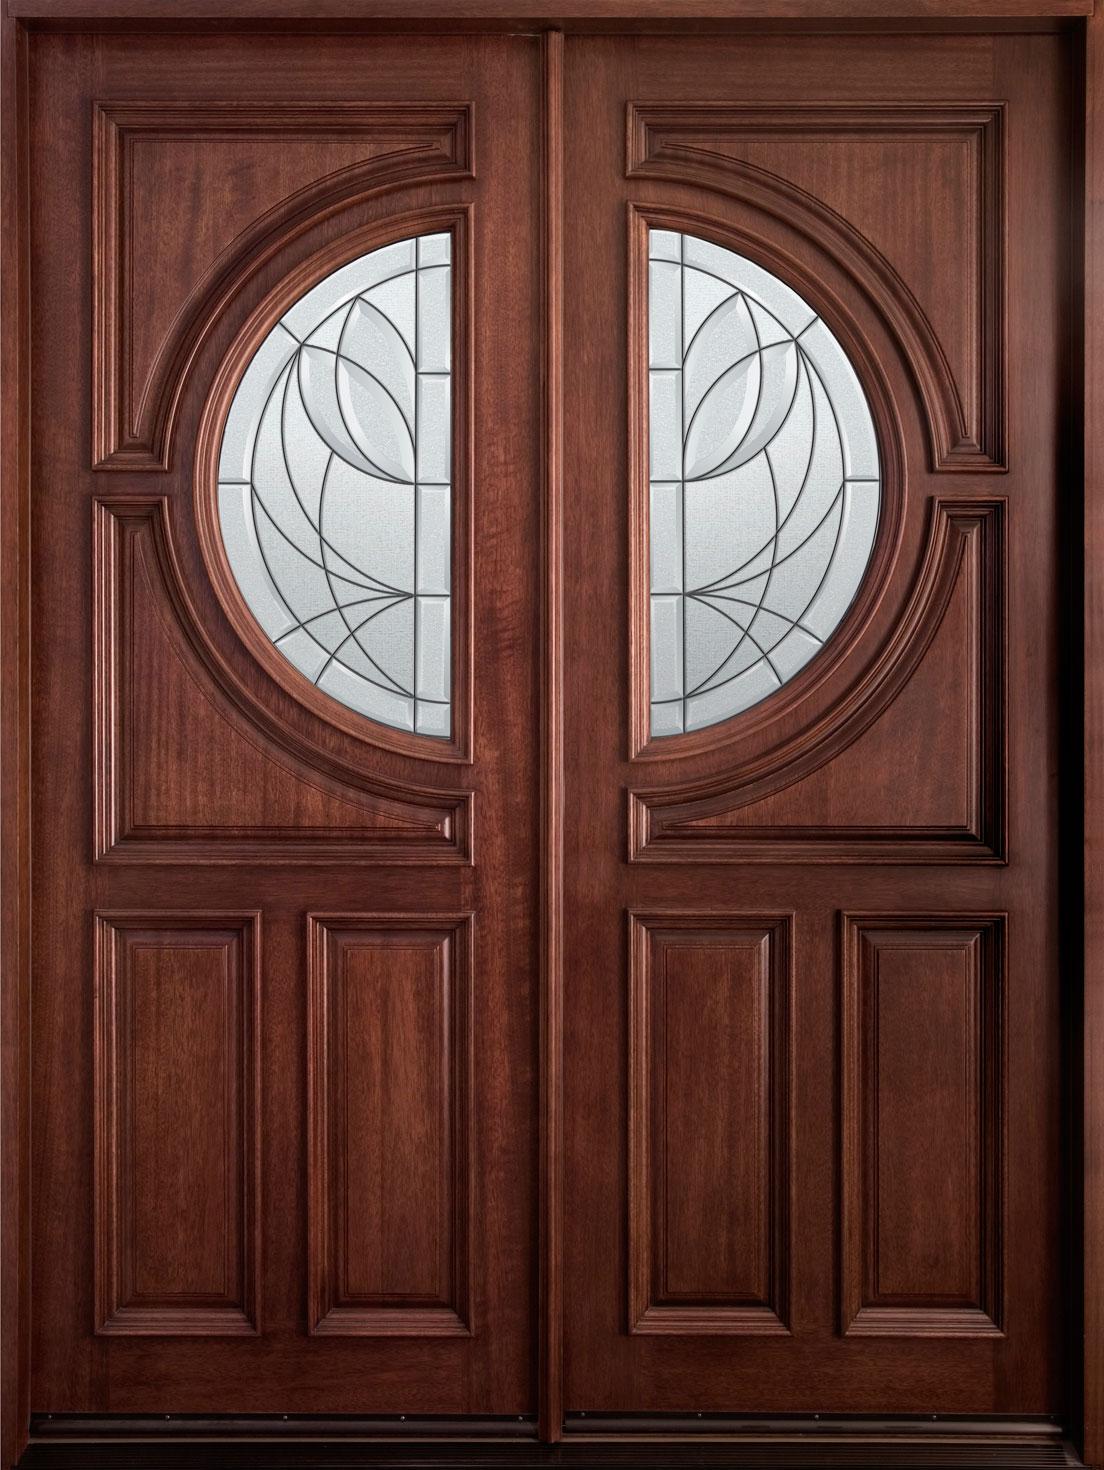 Wooden Double Door Clipart.